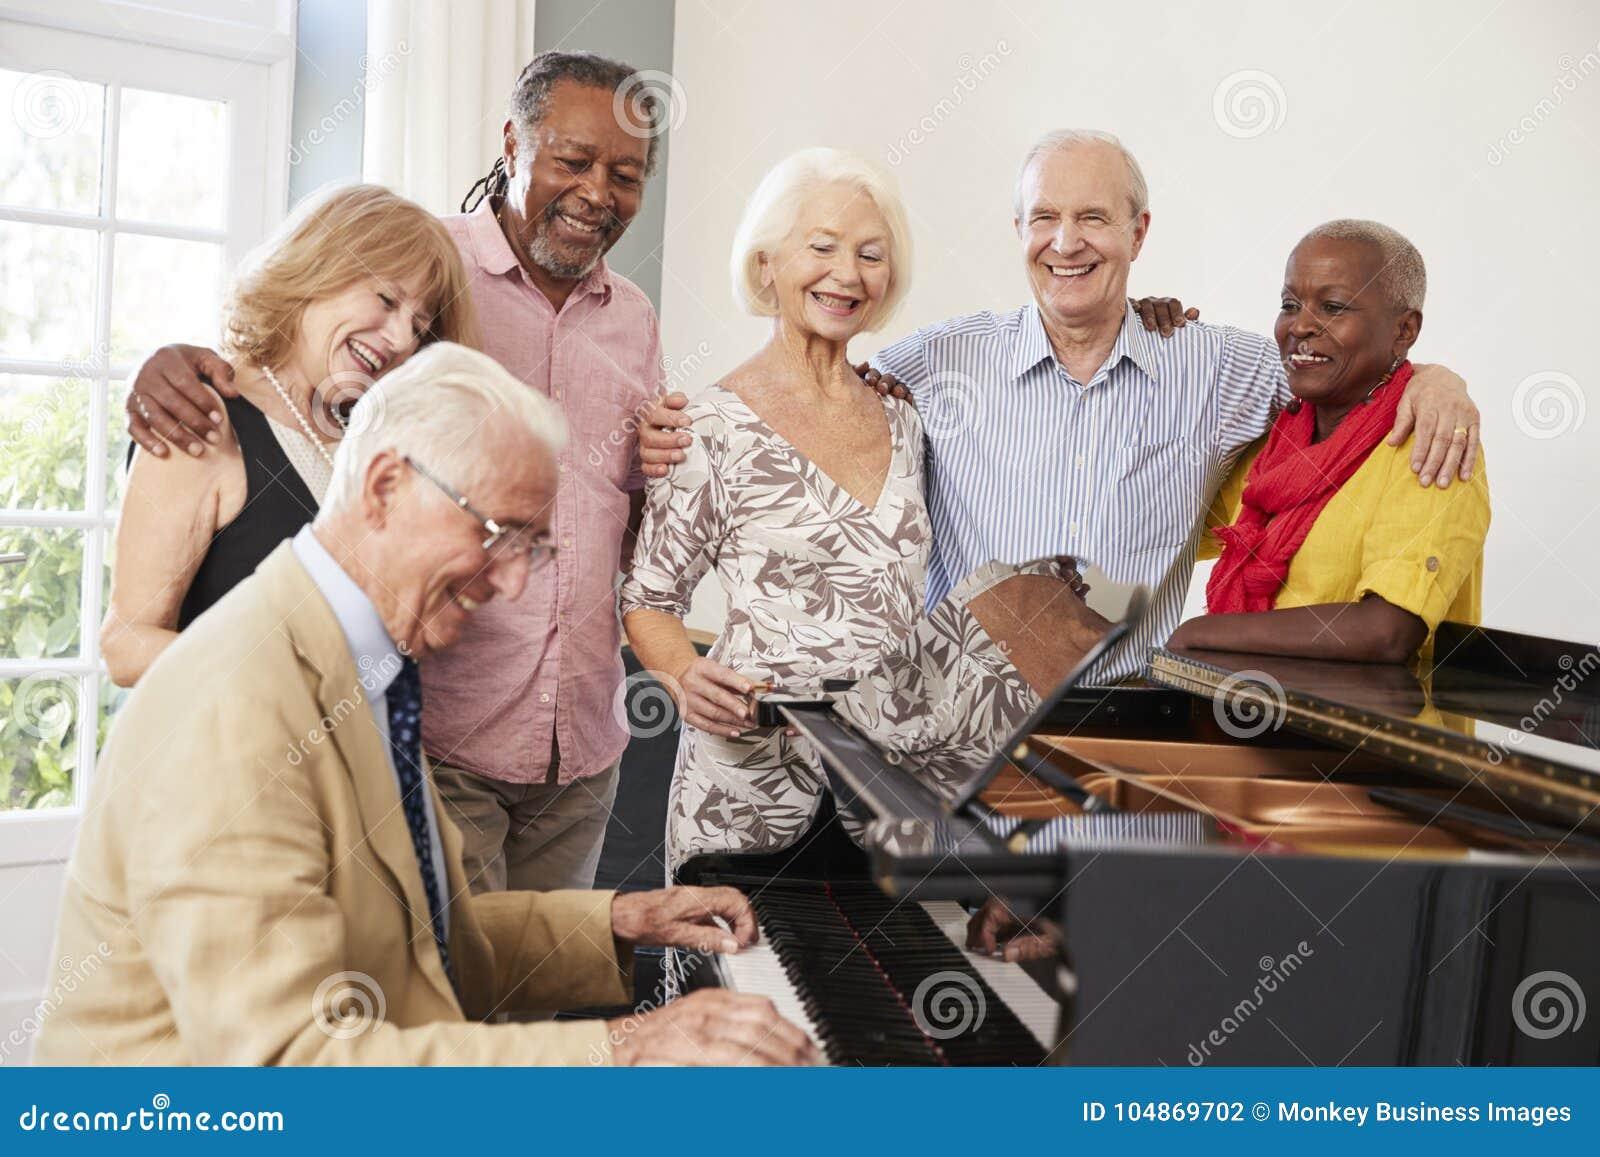 Grupp av pensionärer som står vid pianot och tillsammans sjunger